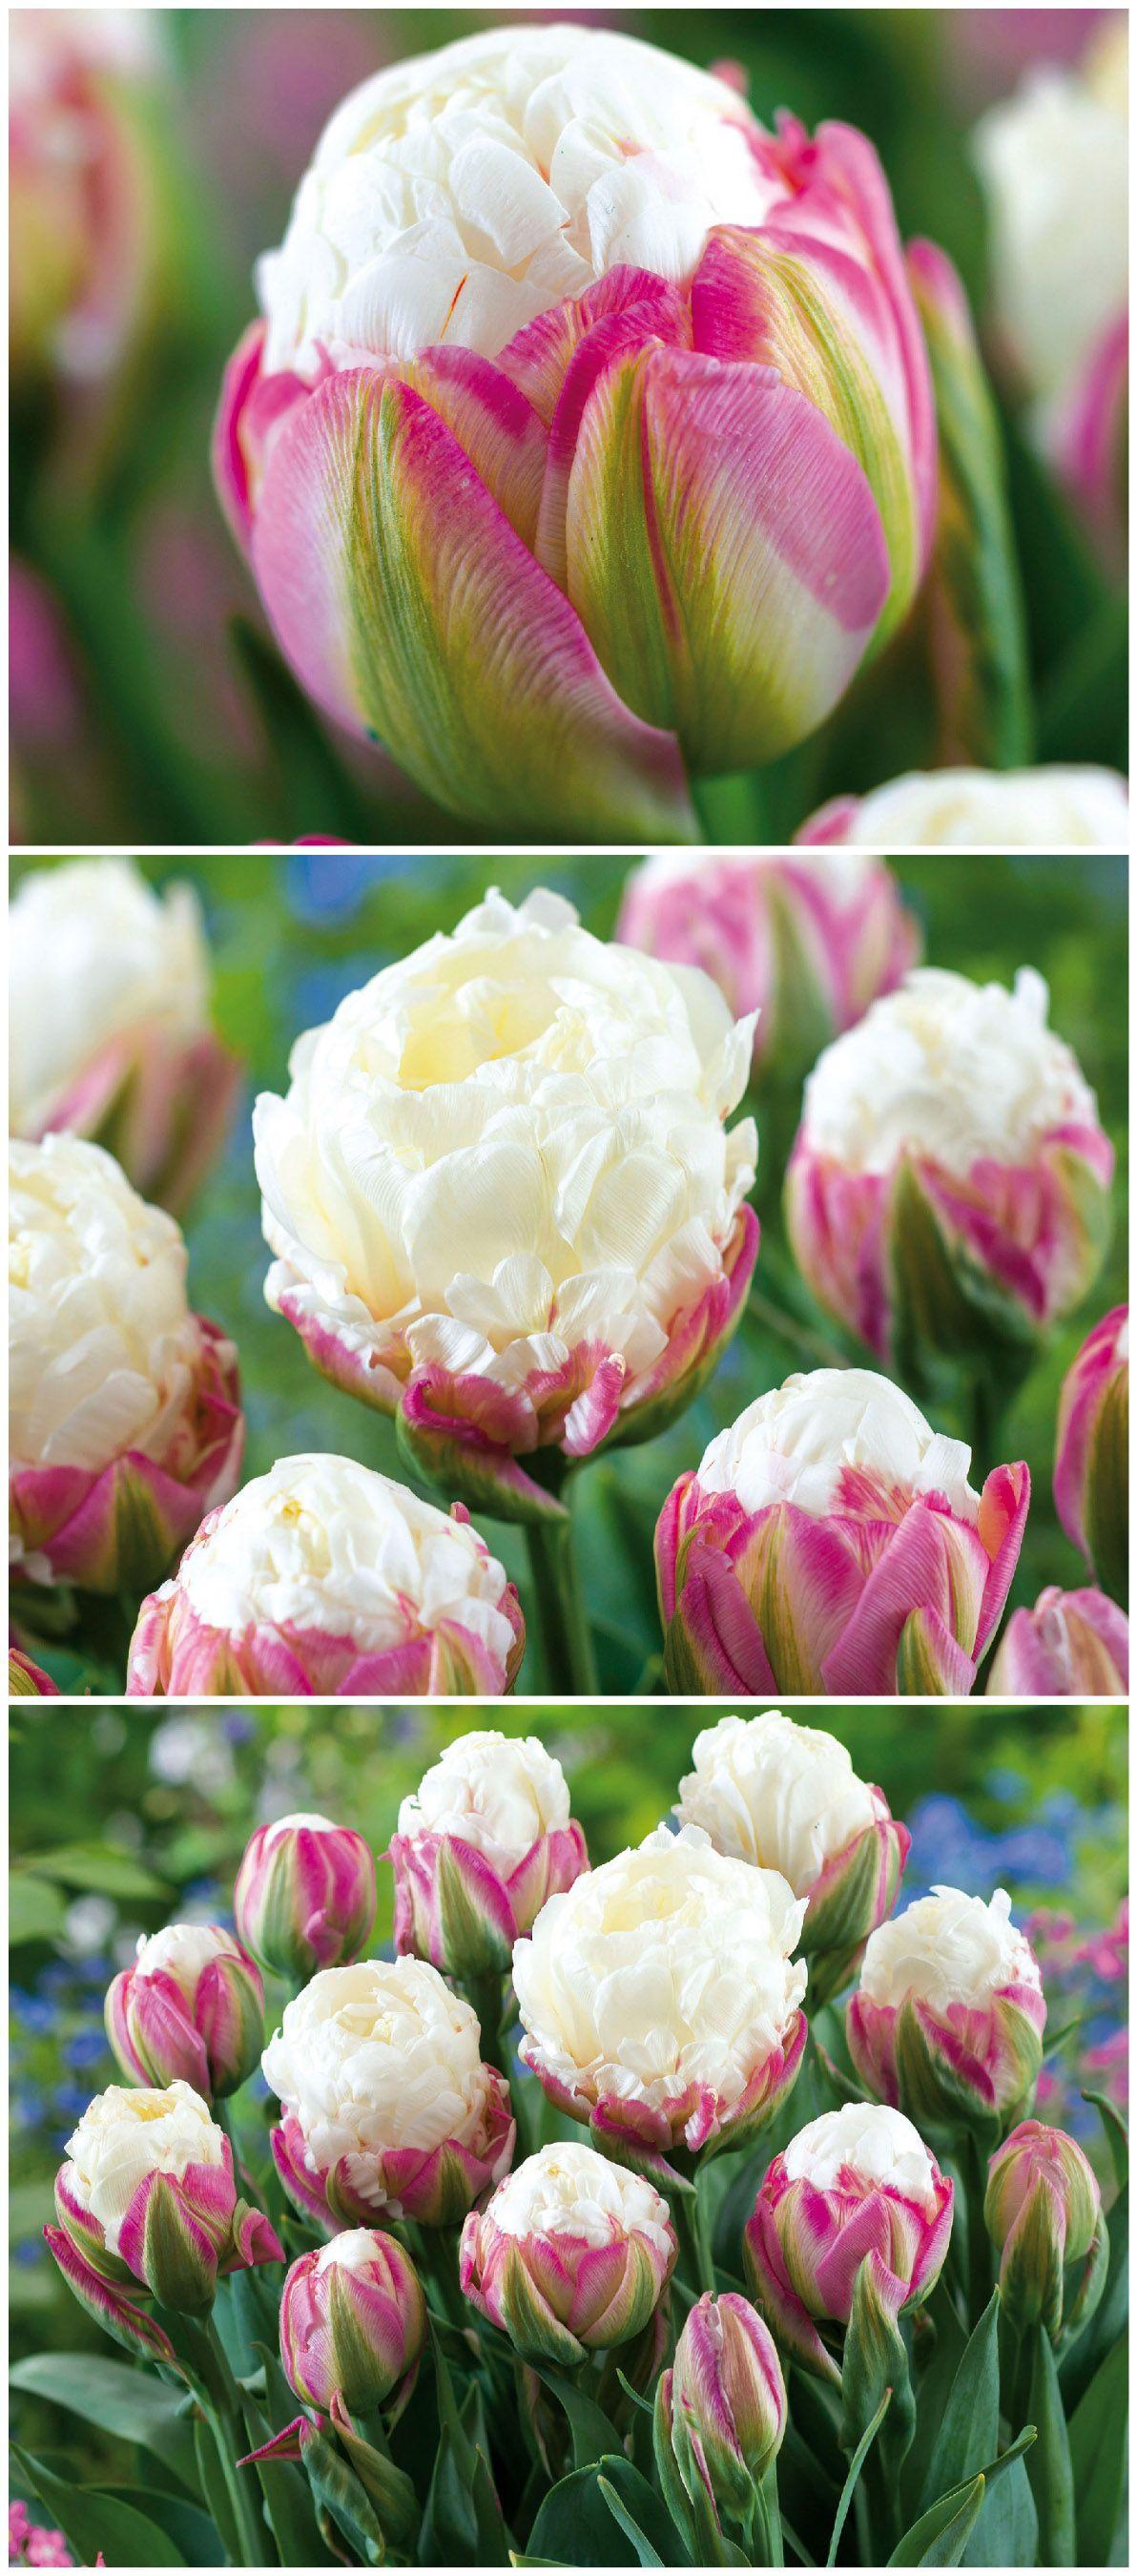 Atemberaubend Schon Und Aussergewohnlich Sind Die Bluten Der Gefullten Spaten Tulpen Ice Cream Gefunden Auf Www Tom Garten De Tulpen Tom Garten Gartenarten